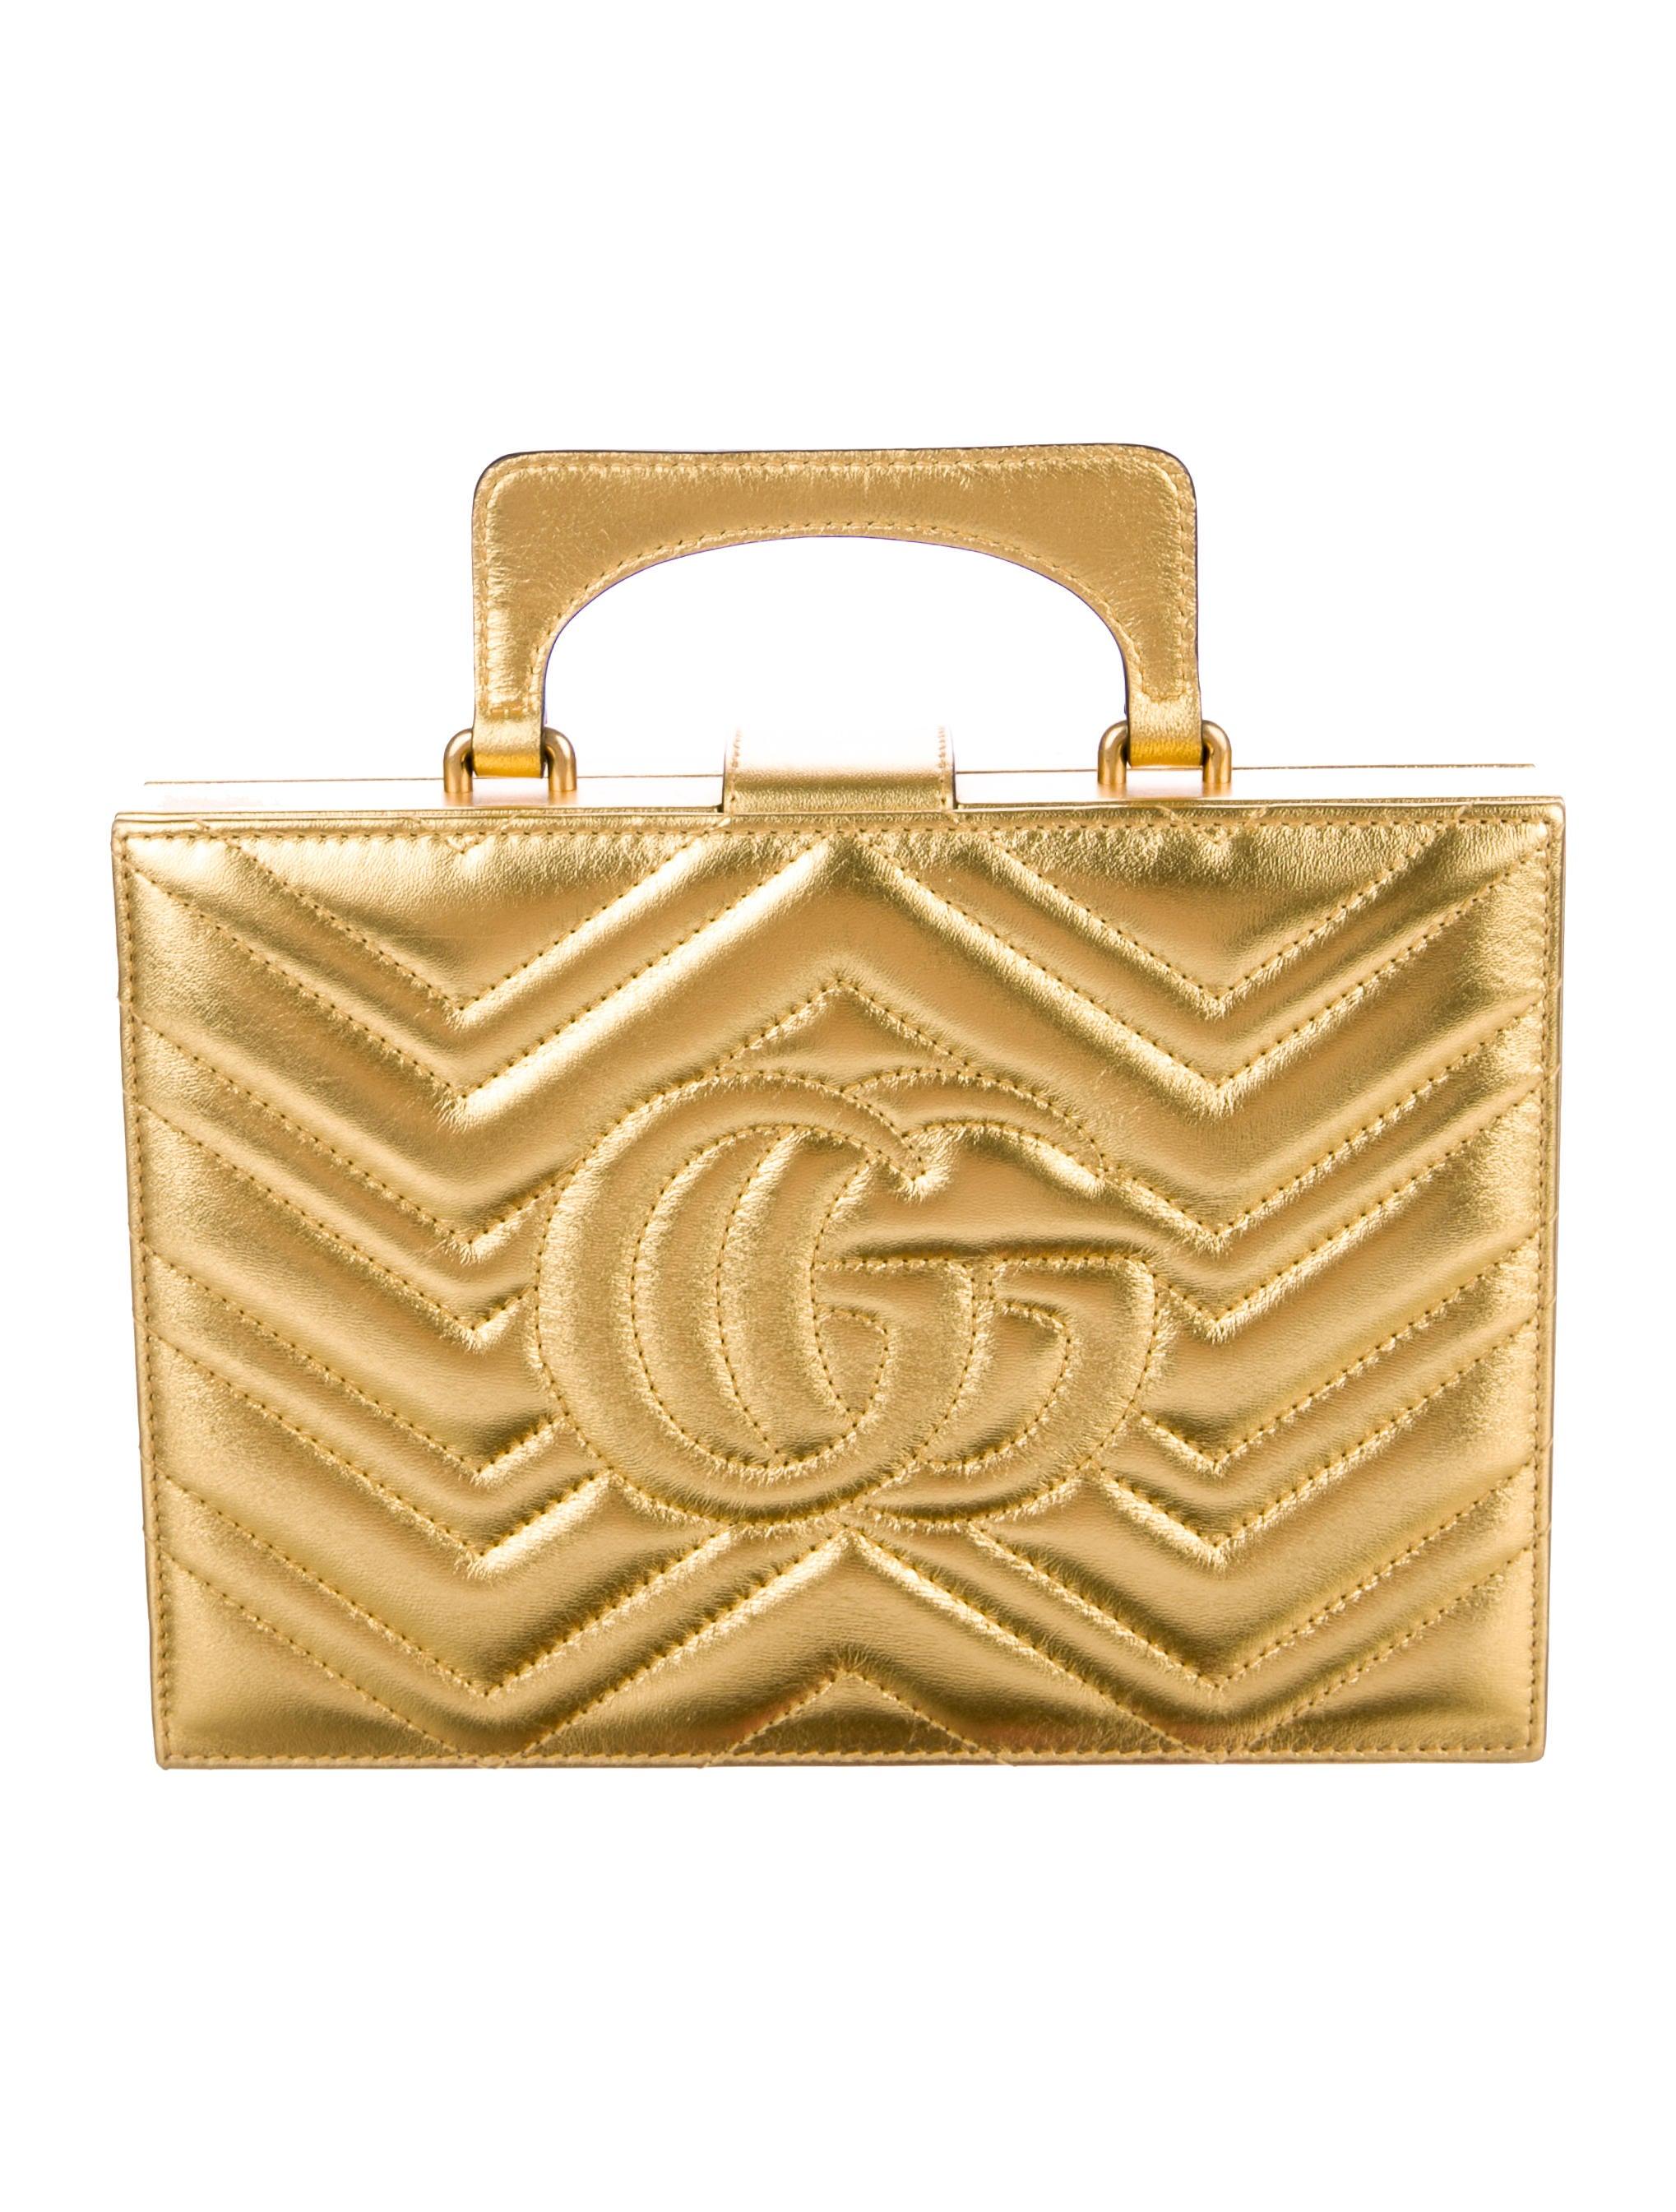 32b0a0d252 Gucci Broadway Matelassé Chevron Bag - Handbags - GUC210117 | The ...